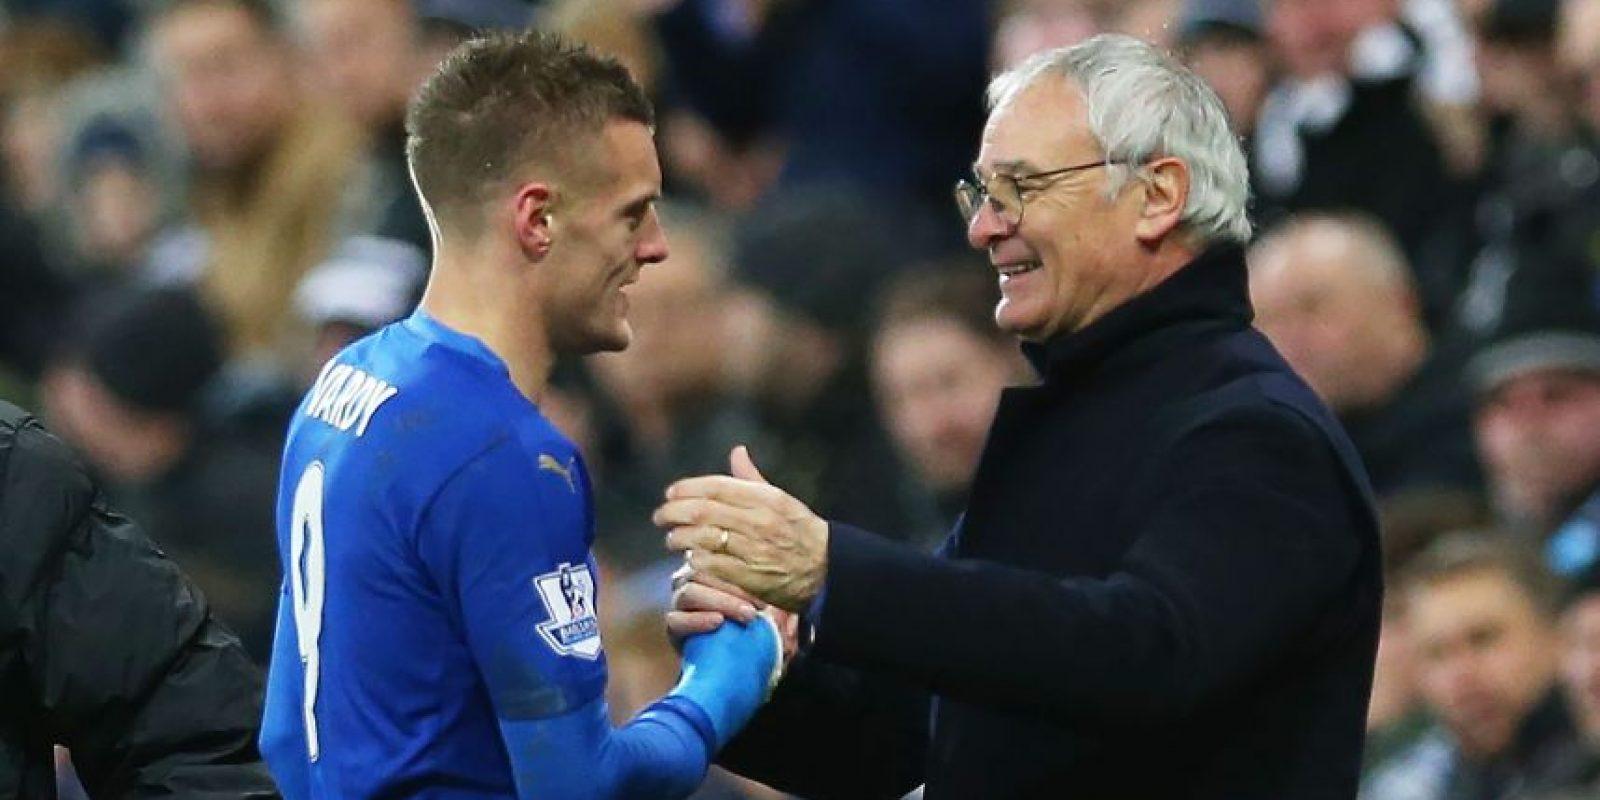 El Leicester marcha como líder de la Premier League con 72 puntos en 33 partidos Foto:Getty Images